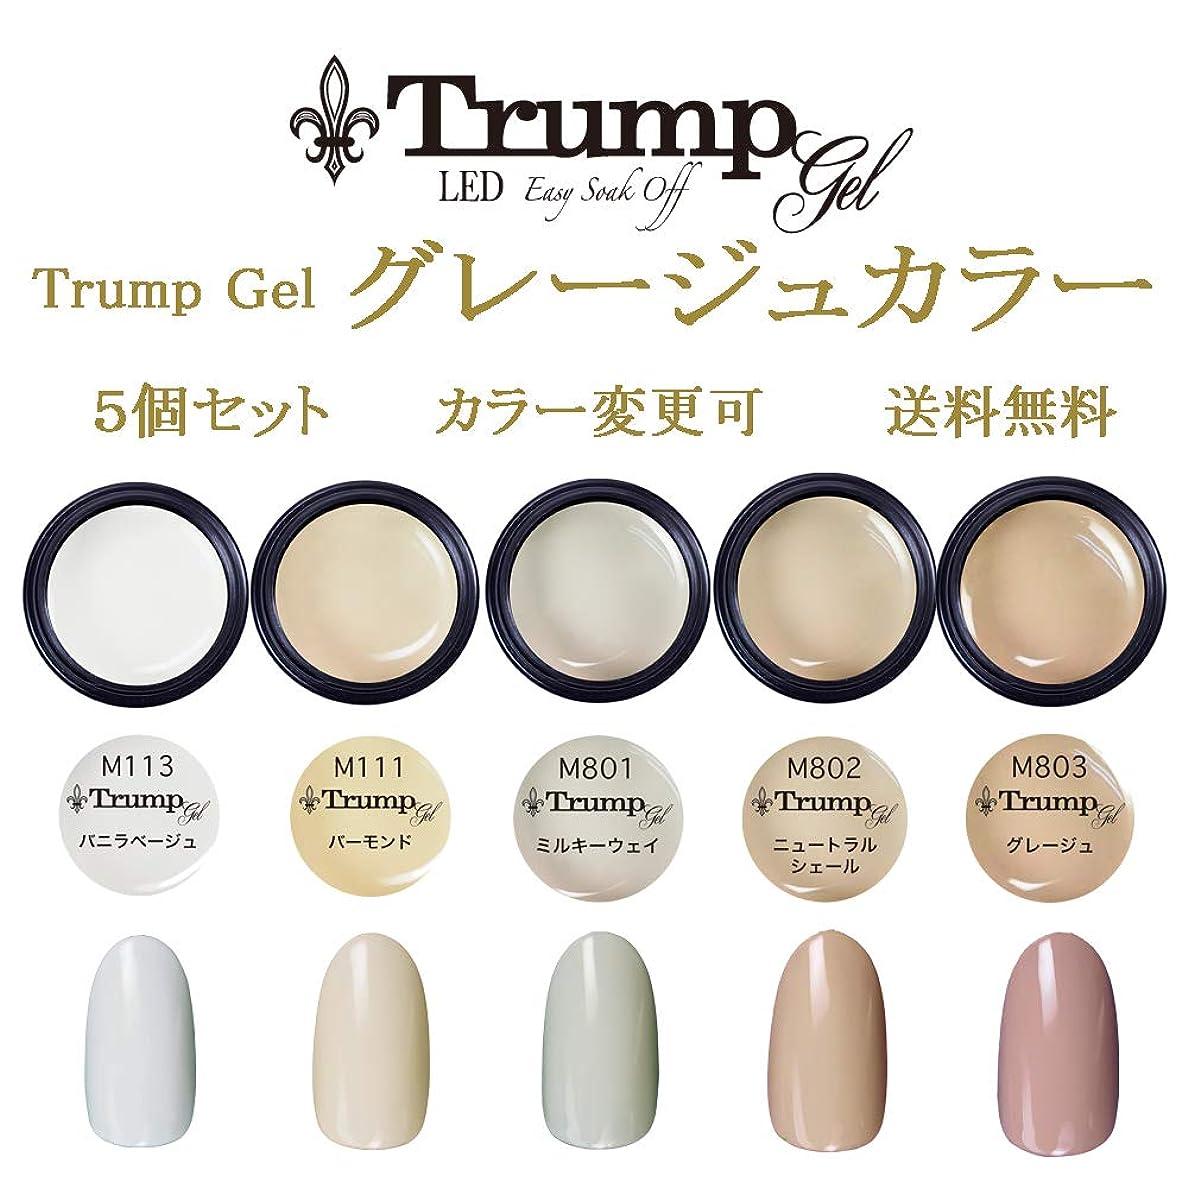 ゴシップミニ環境日本製 Trump gel トランプジェル グレージュカラー 選べる カラージェル 5個セット ホワイト ベージュ ピンク スモーク